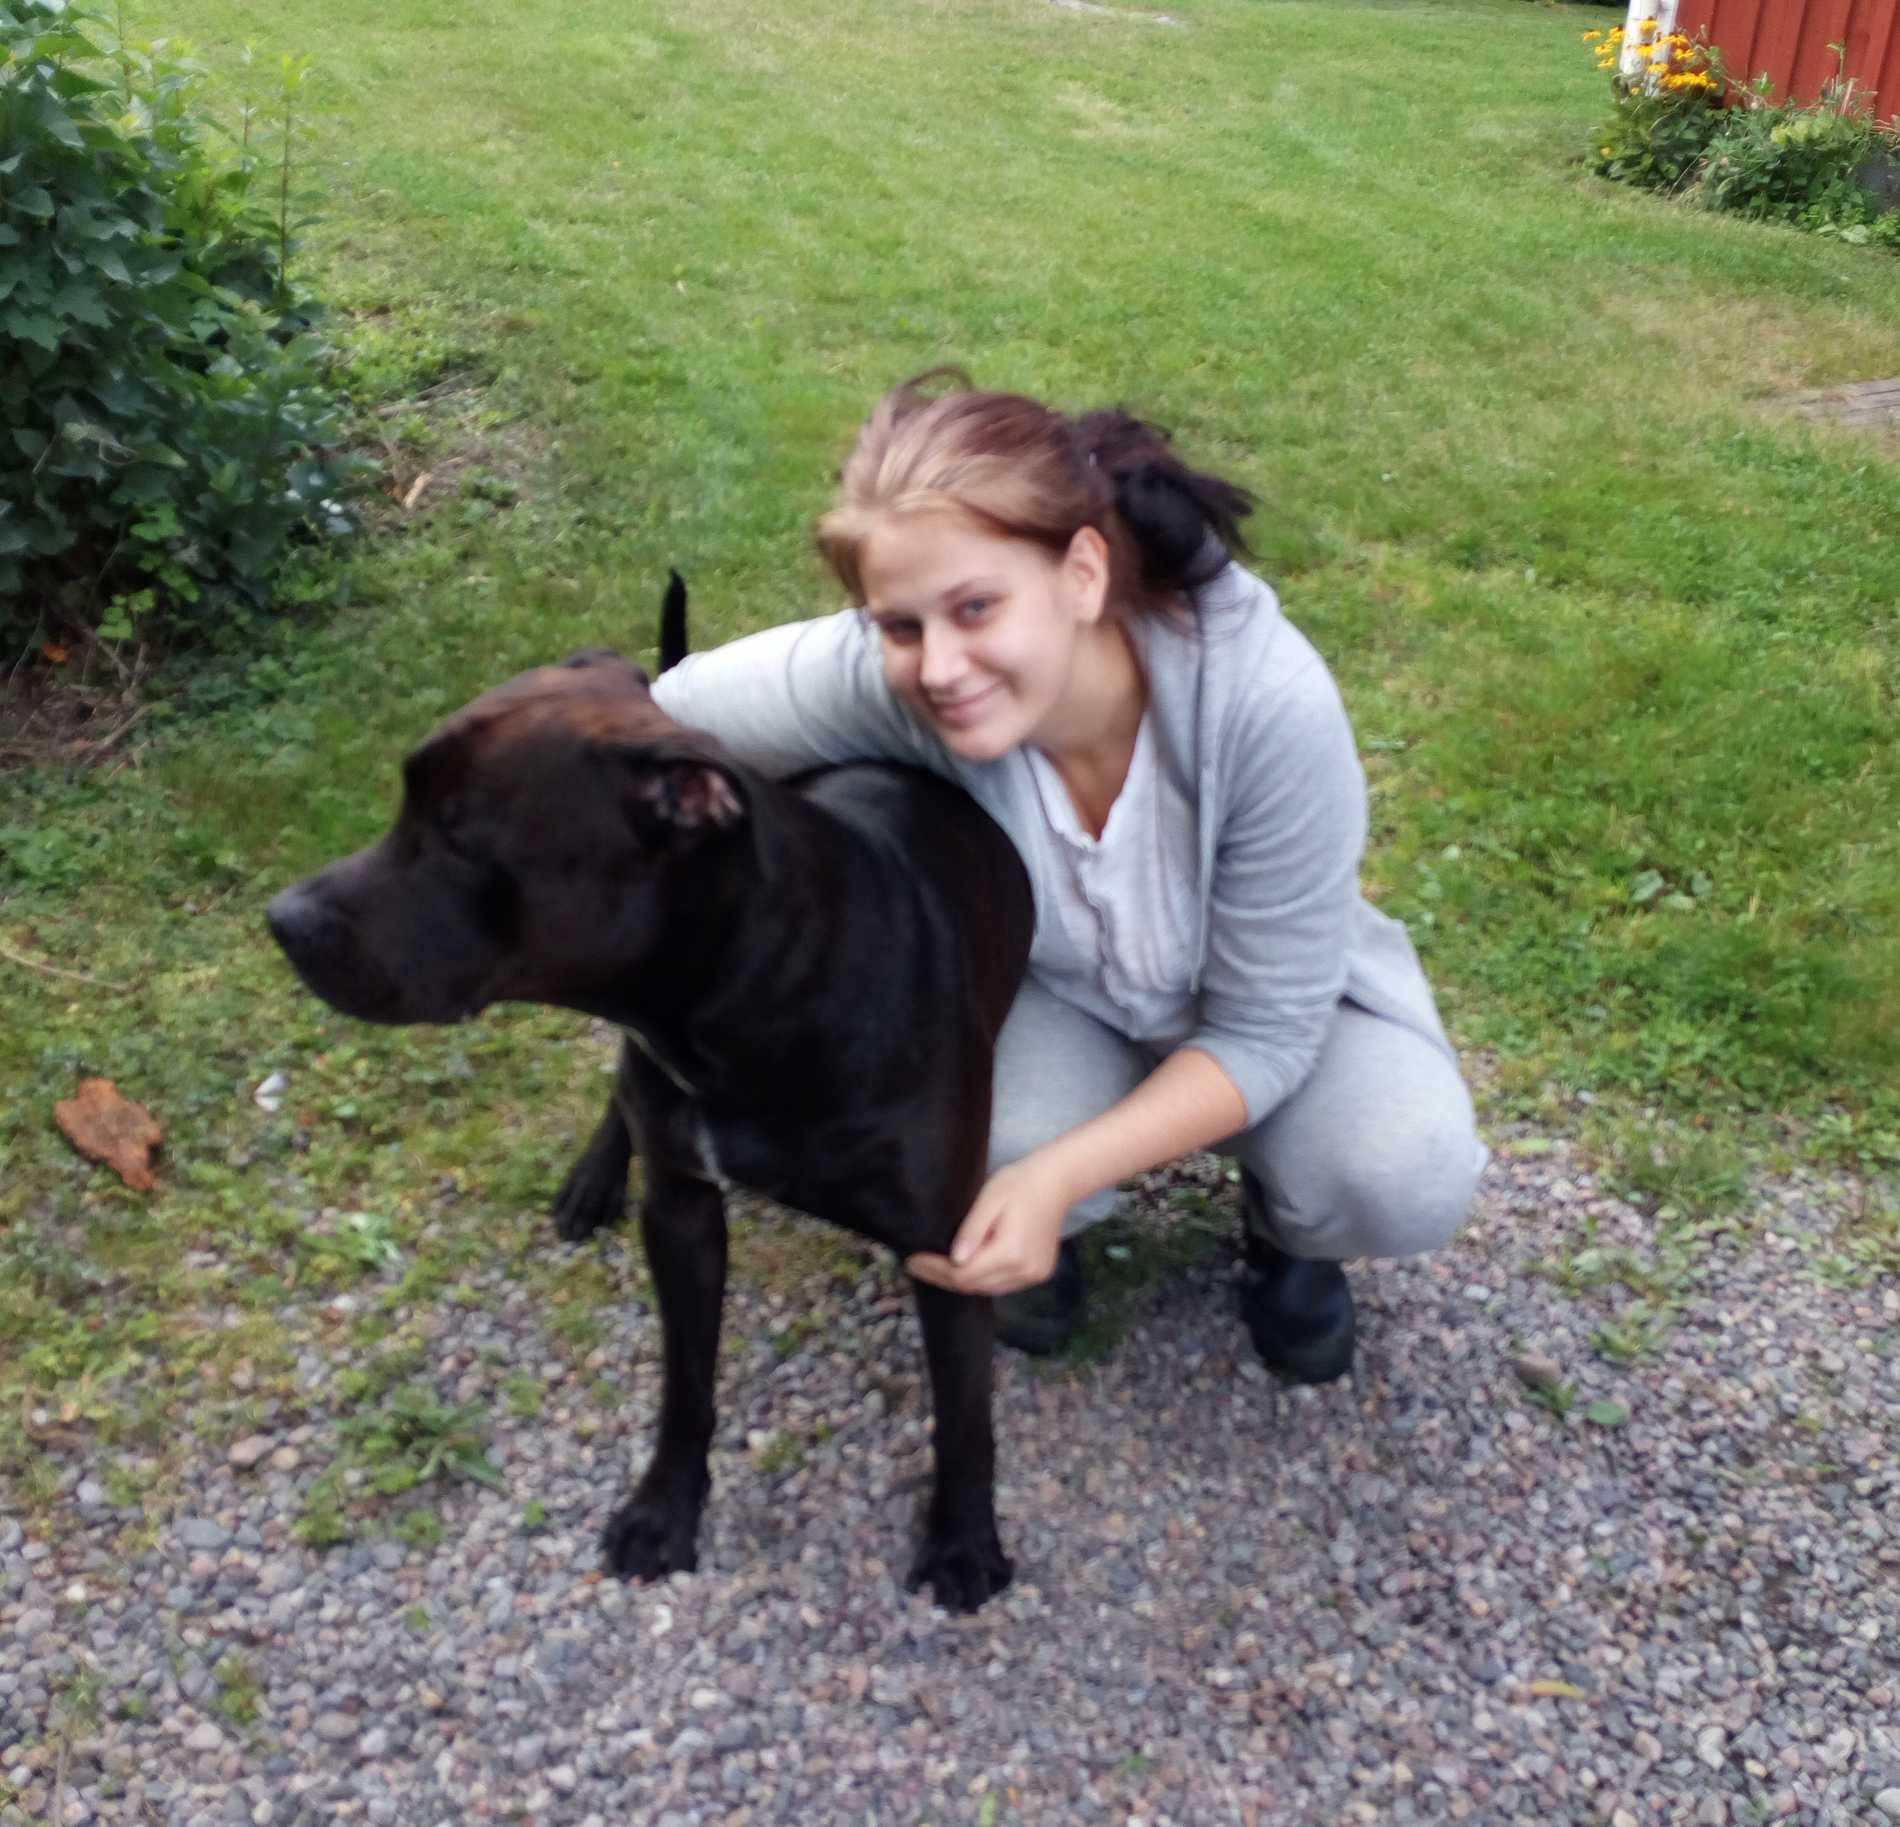 Jennie och pojkvännen hade en hund. Enligt mamma Gunilla Tholander hände det att pojkvännen tog tiden på hundpromenaderna. Om Jennie var ute länge ska han ha blivit upprörd.